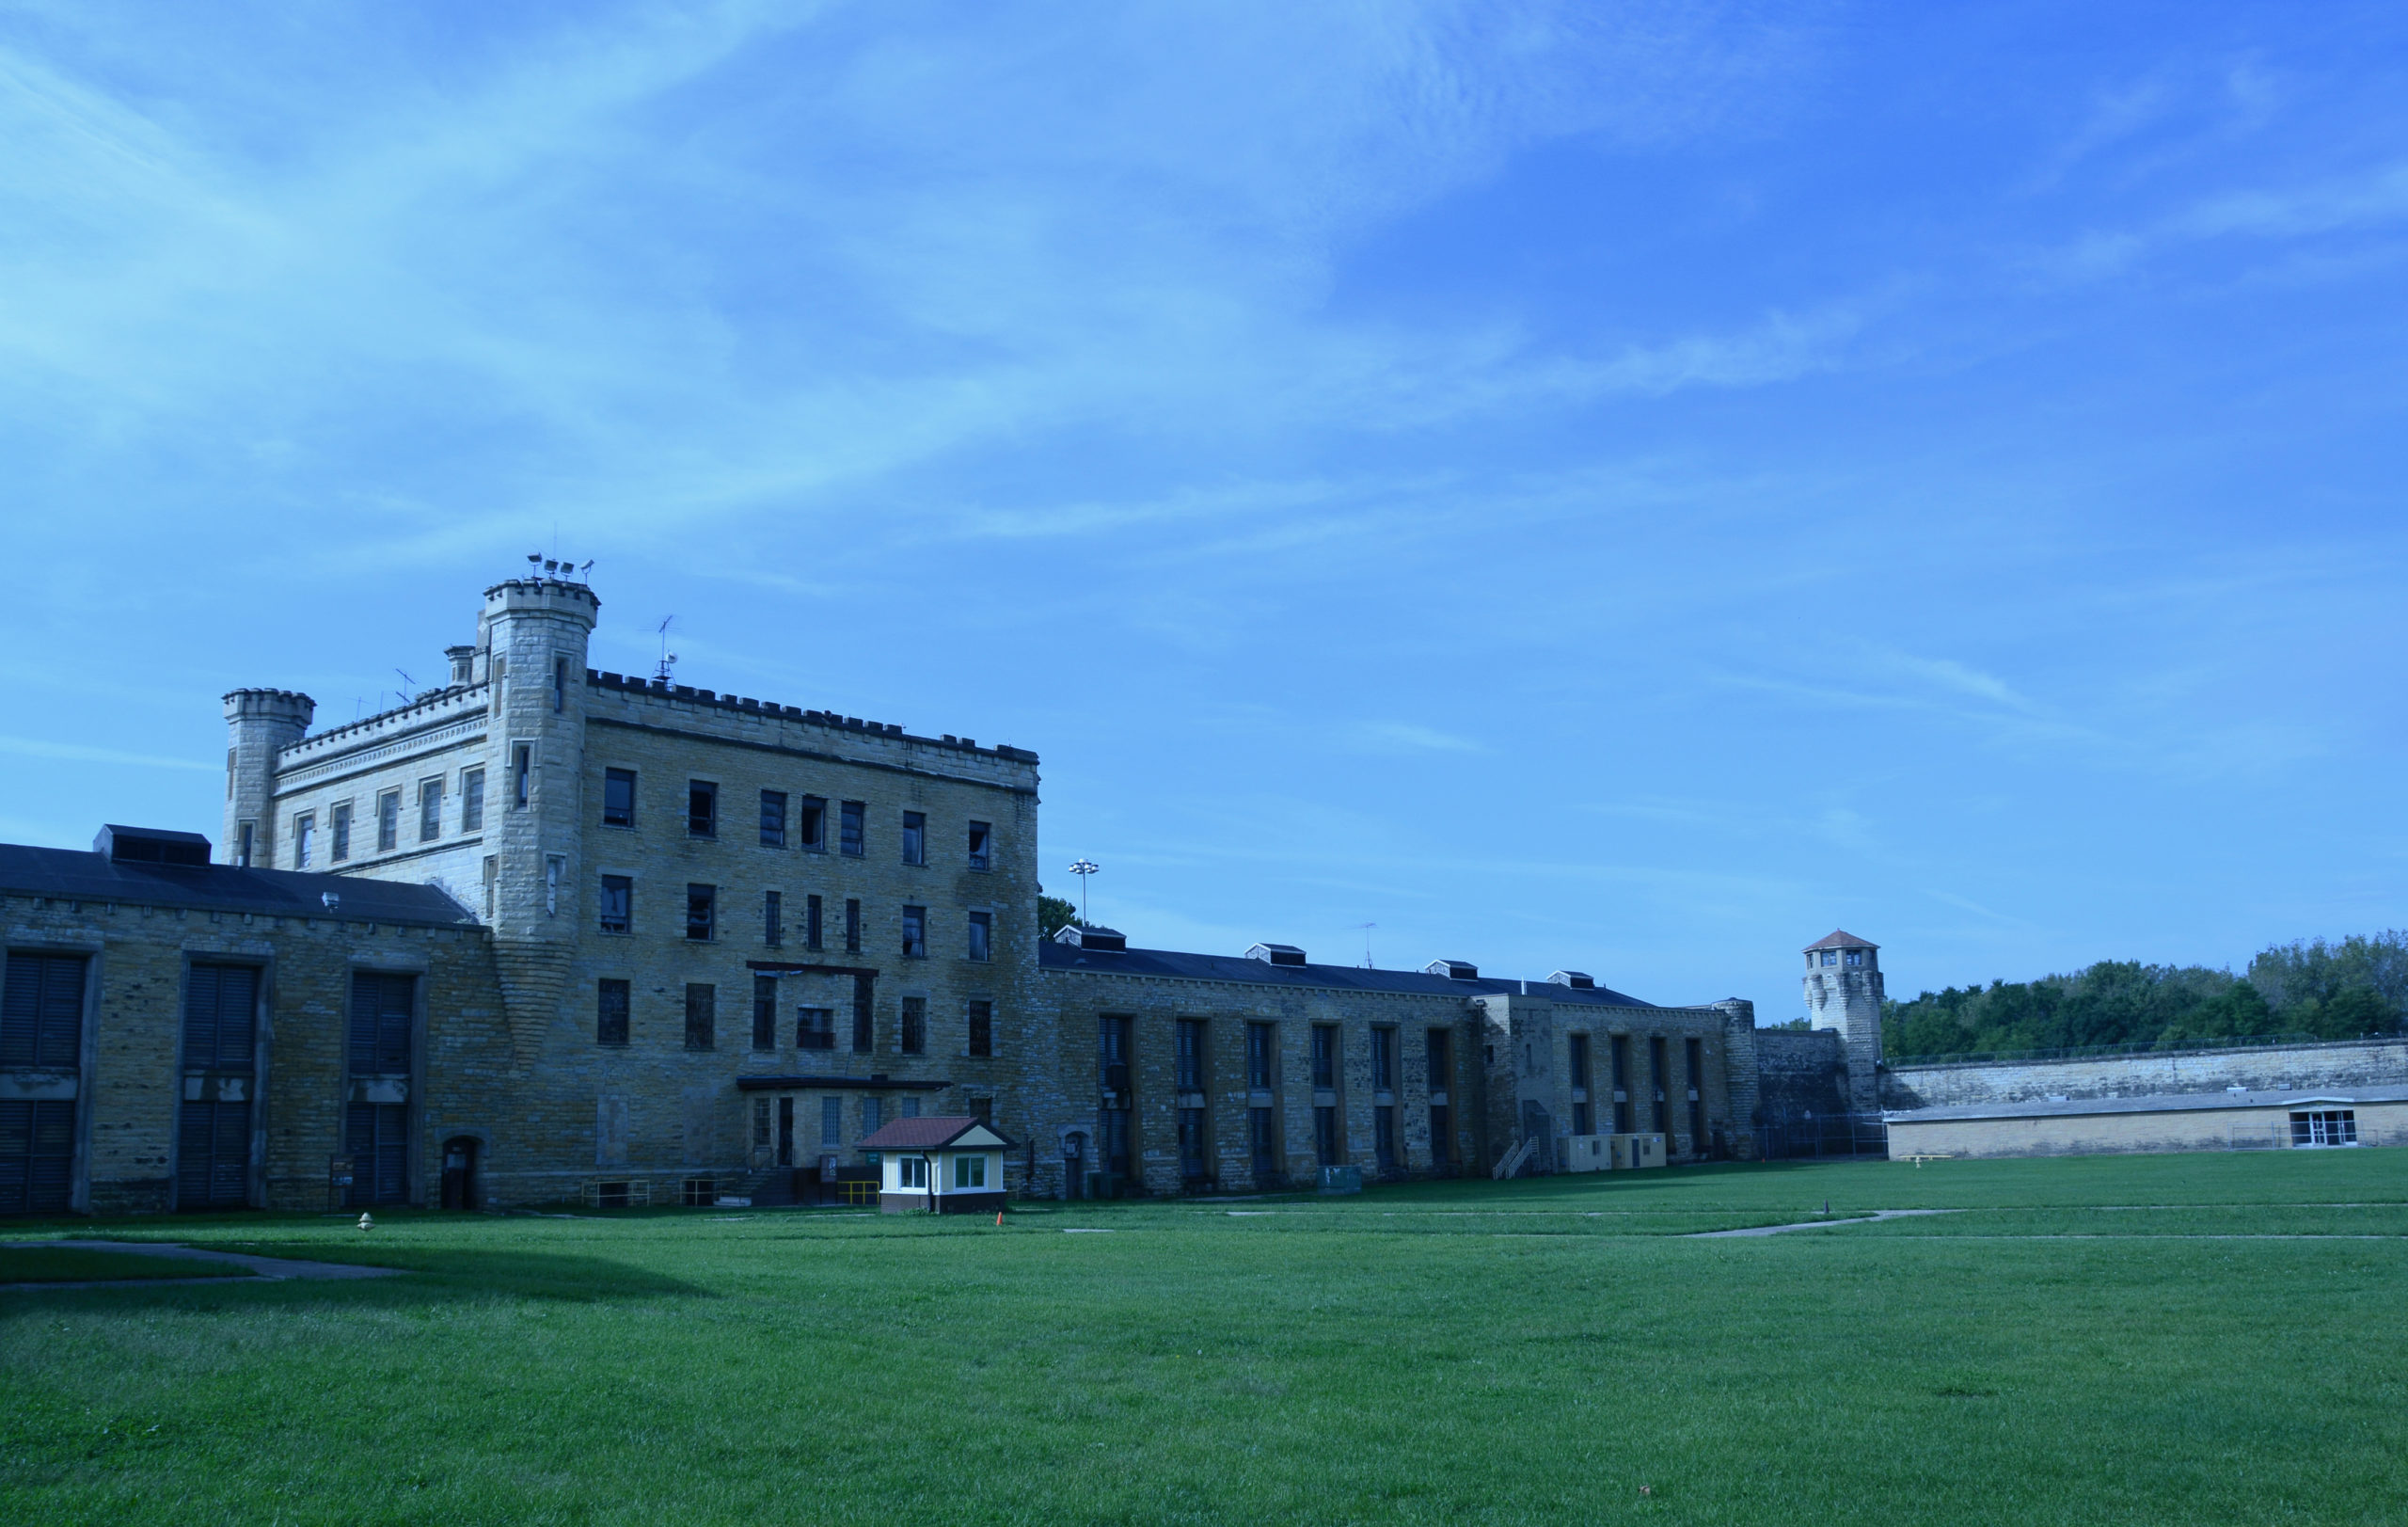 Das Hauptgebäude des Old Joliet Prison bei Chicago